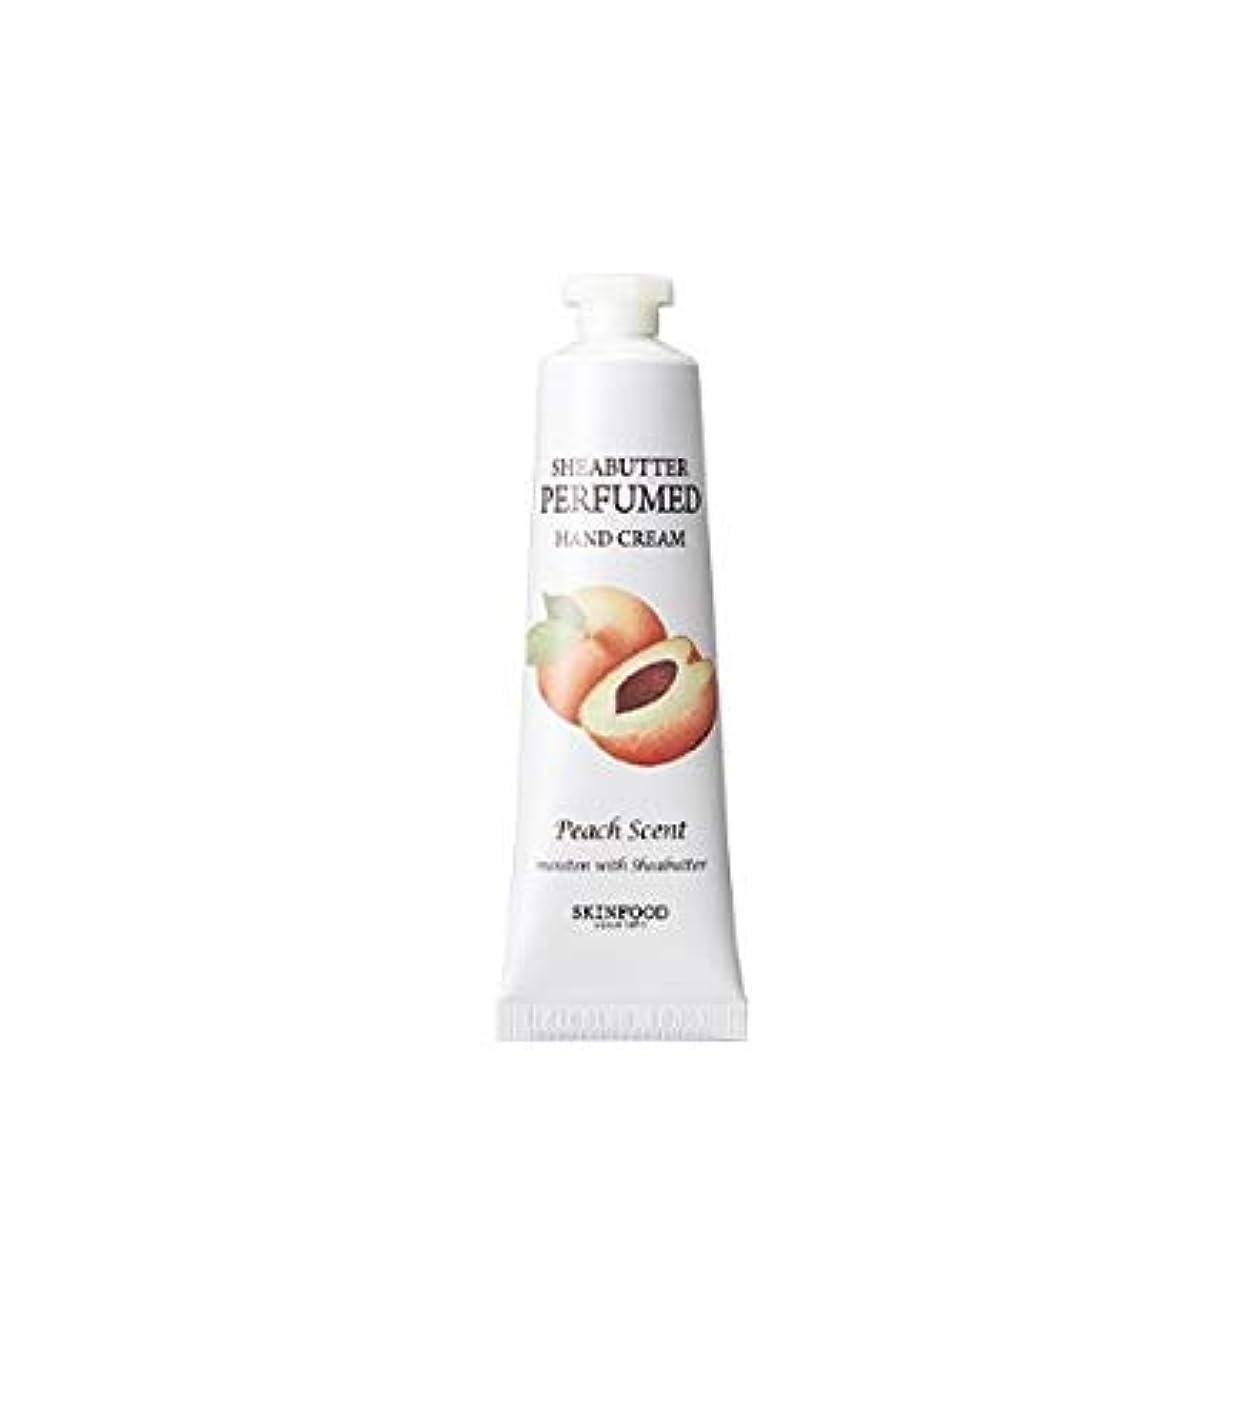 年金ひどいフィードバックSkinfood シアバター香水ハンドクリーム#ピッチ/Shea Butter Perfumed Hand Cream #Pitch 30ml [並行輸入品]